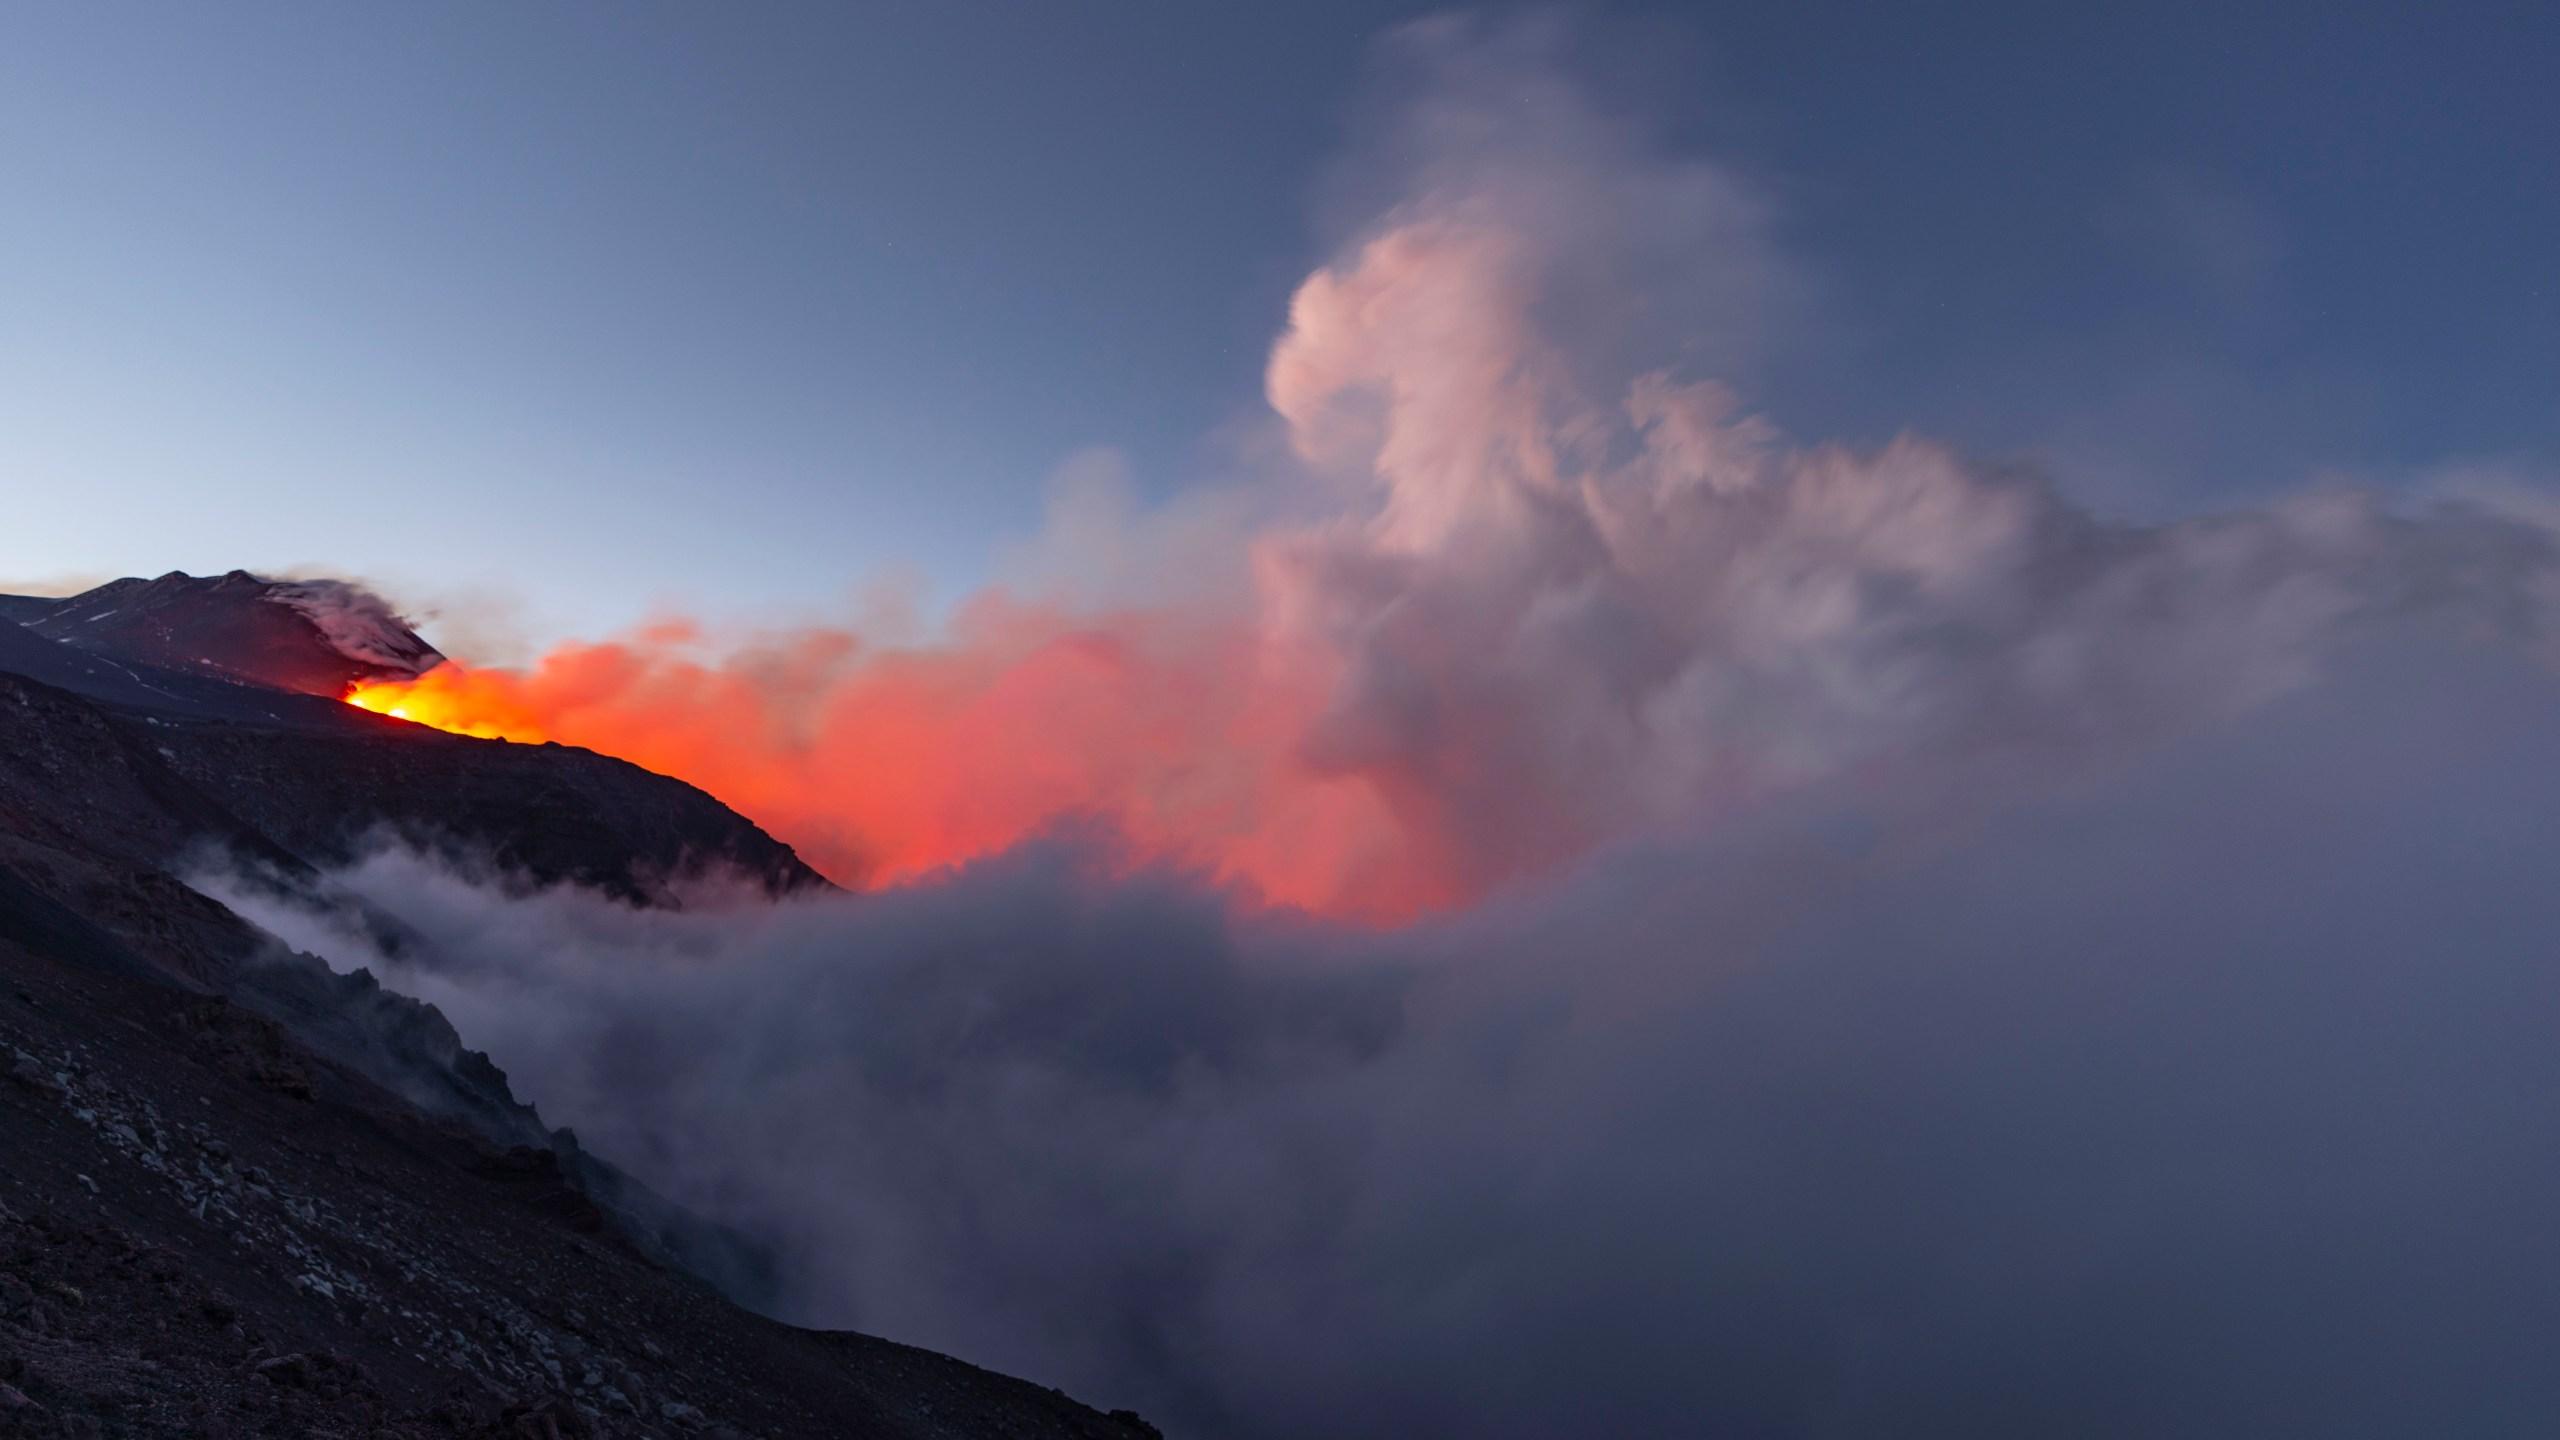 Mount Etna volcano spews lava during an eruption.